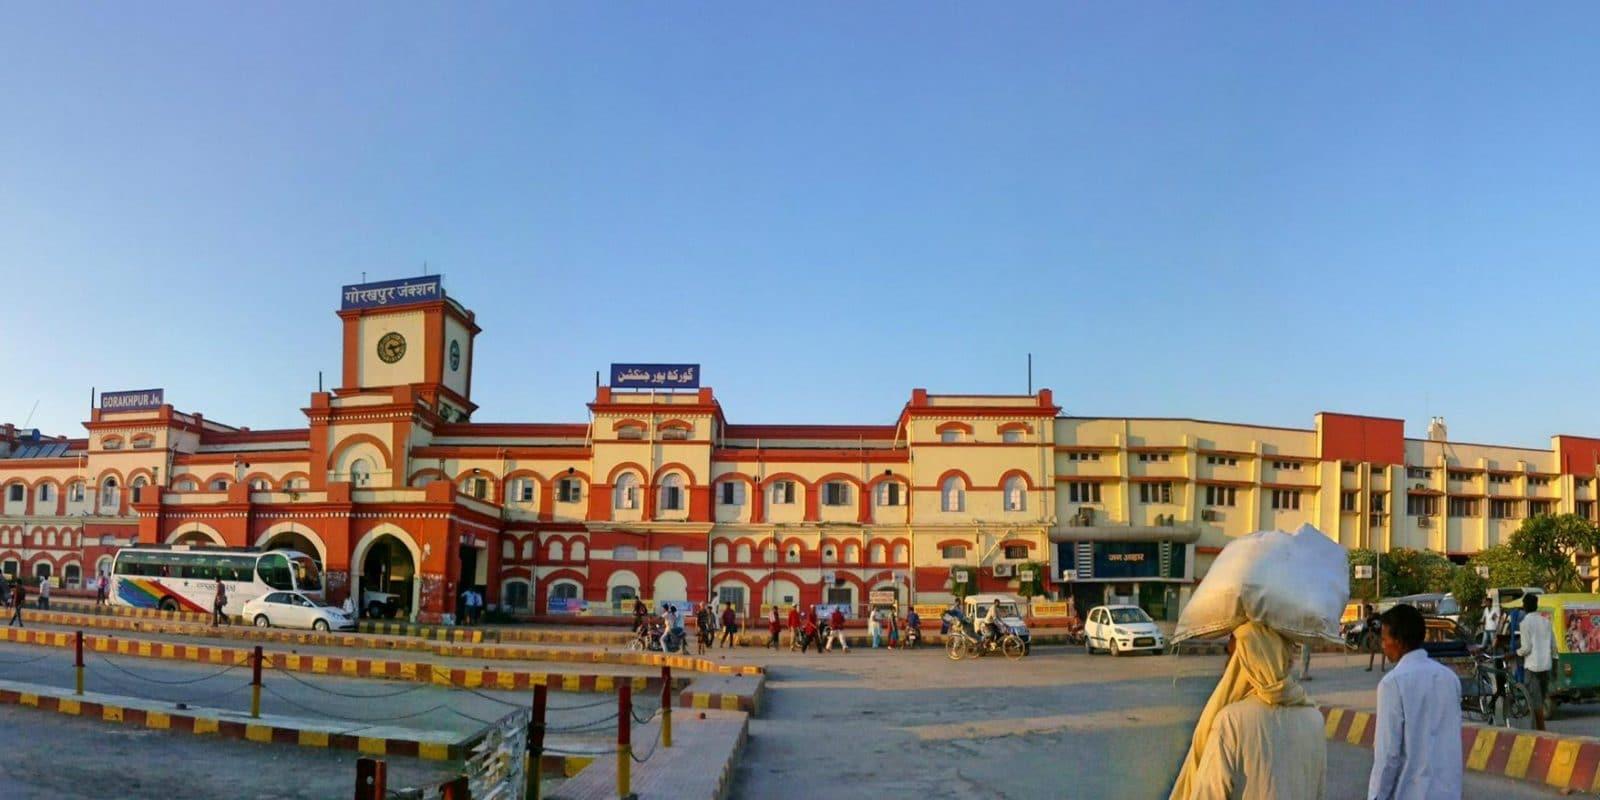 gorakhpur junction panorama2 800x400@2x 1